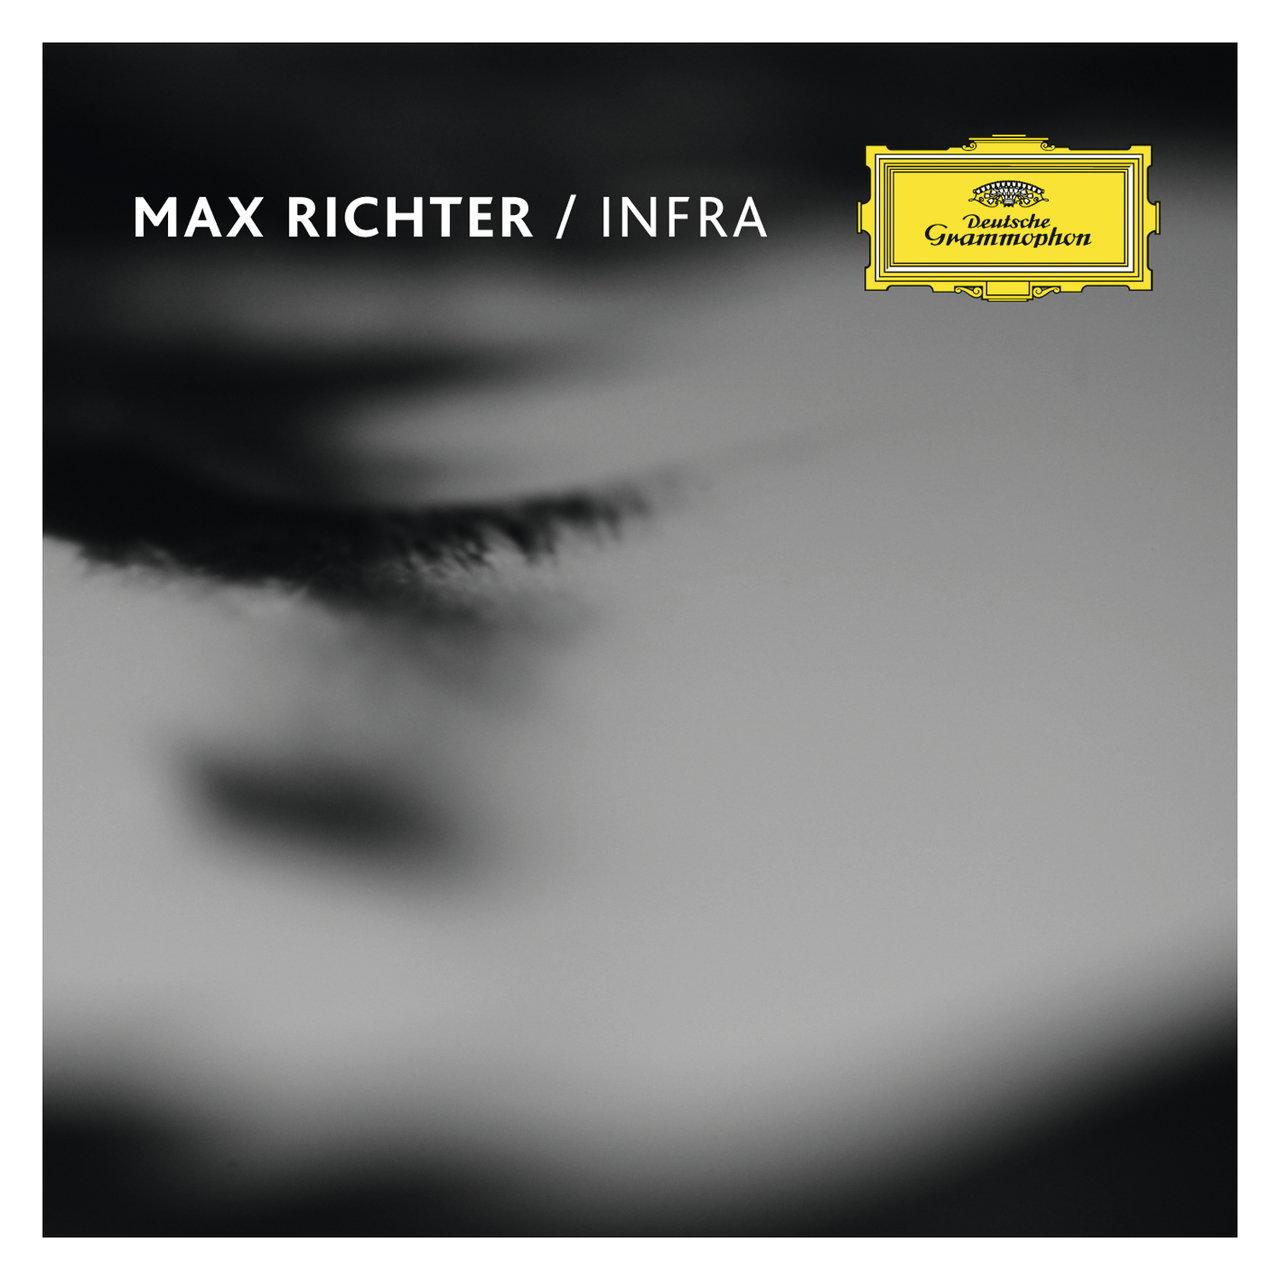 Infra / Max Richter TIDAL